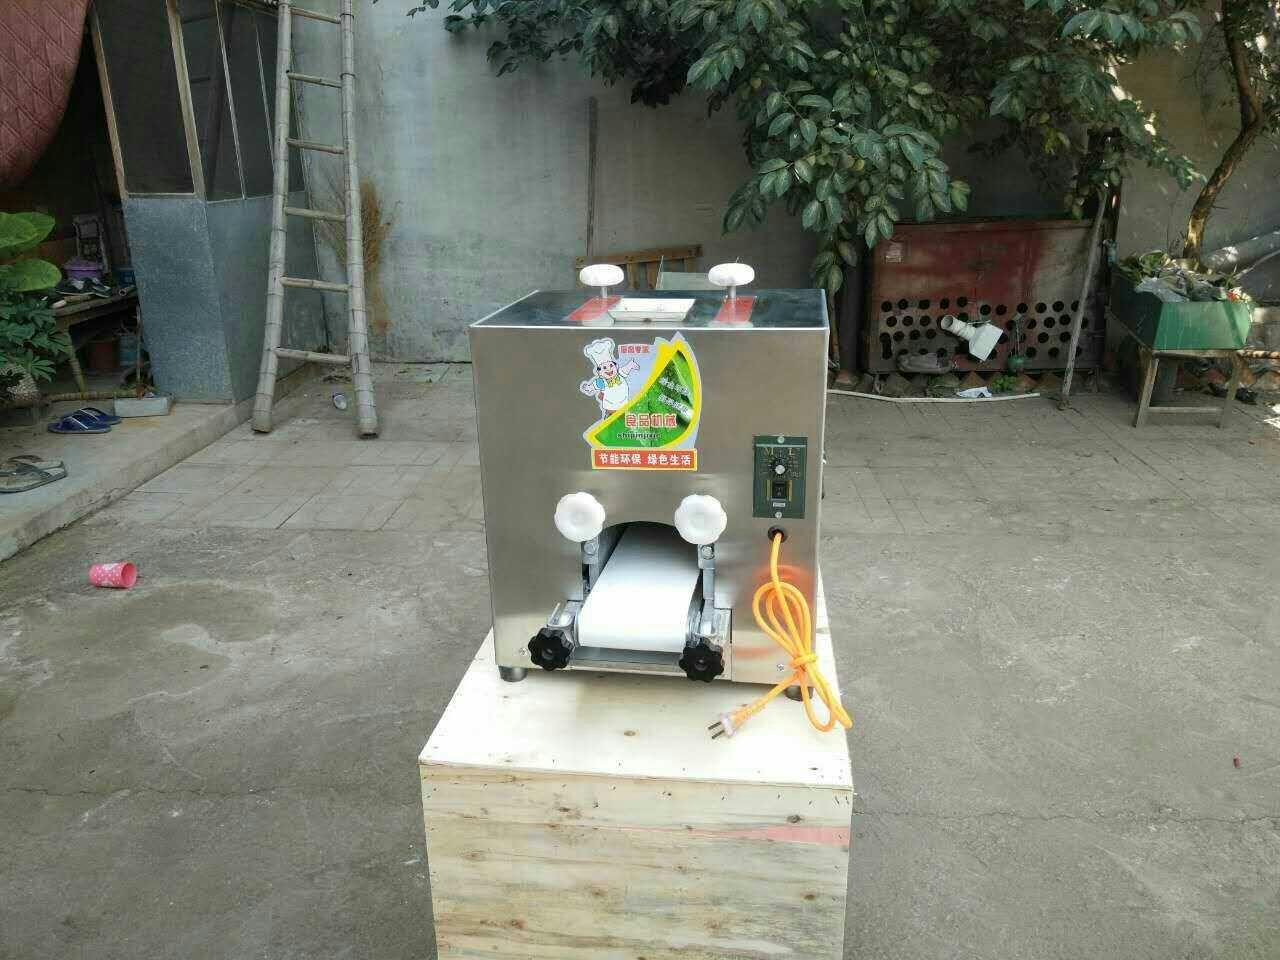 仿手工自动淋油麻花机,自动淋油麻花机,仿手工自动淋油麻花机价格